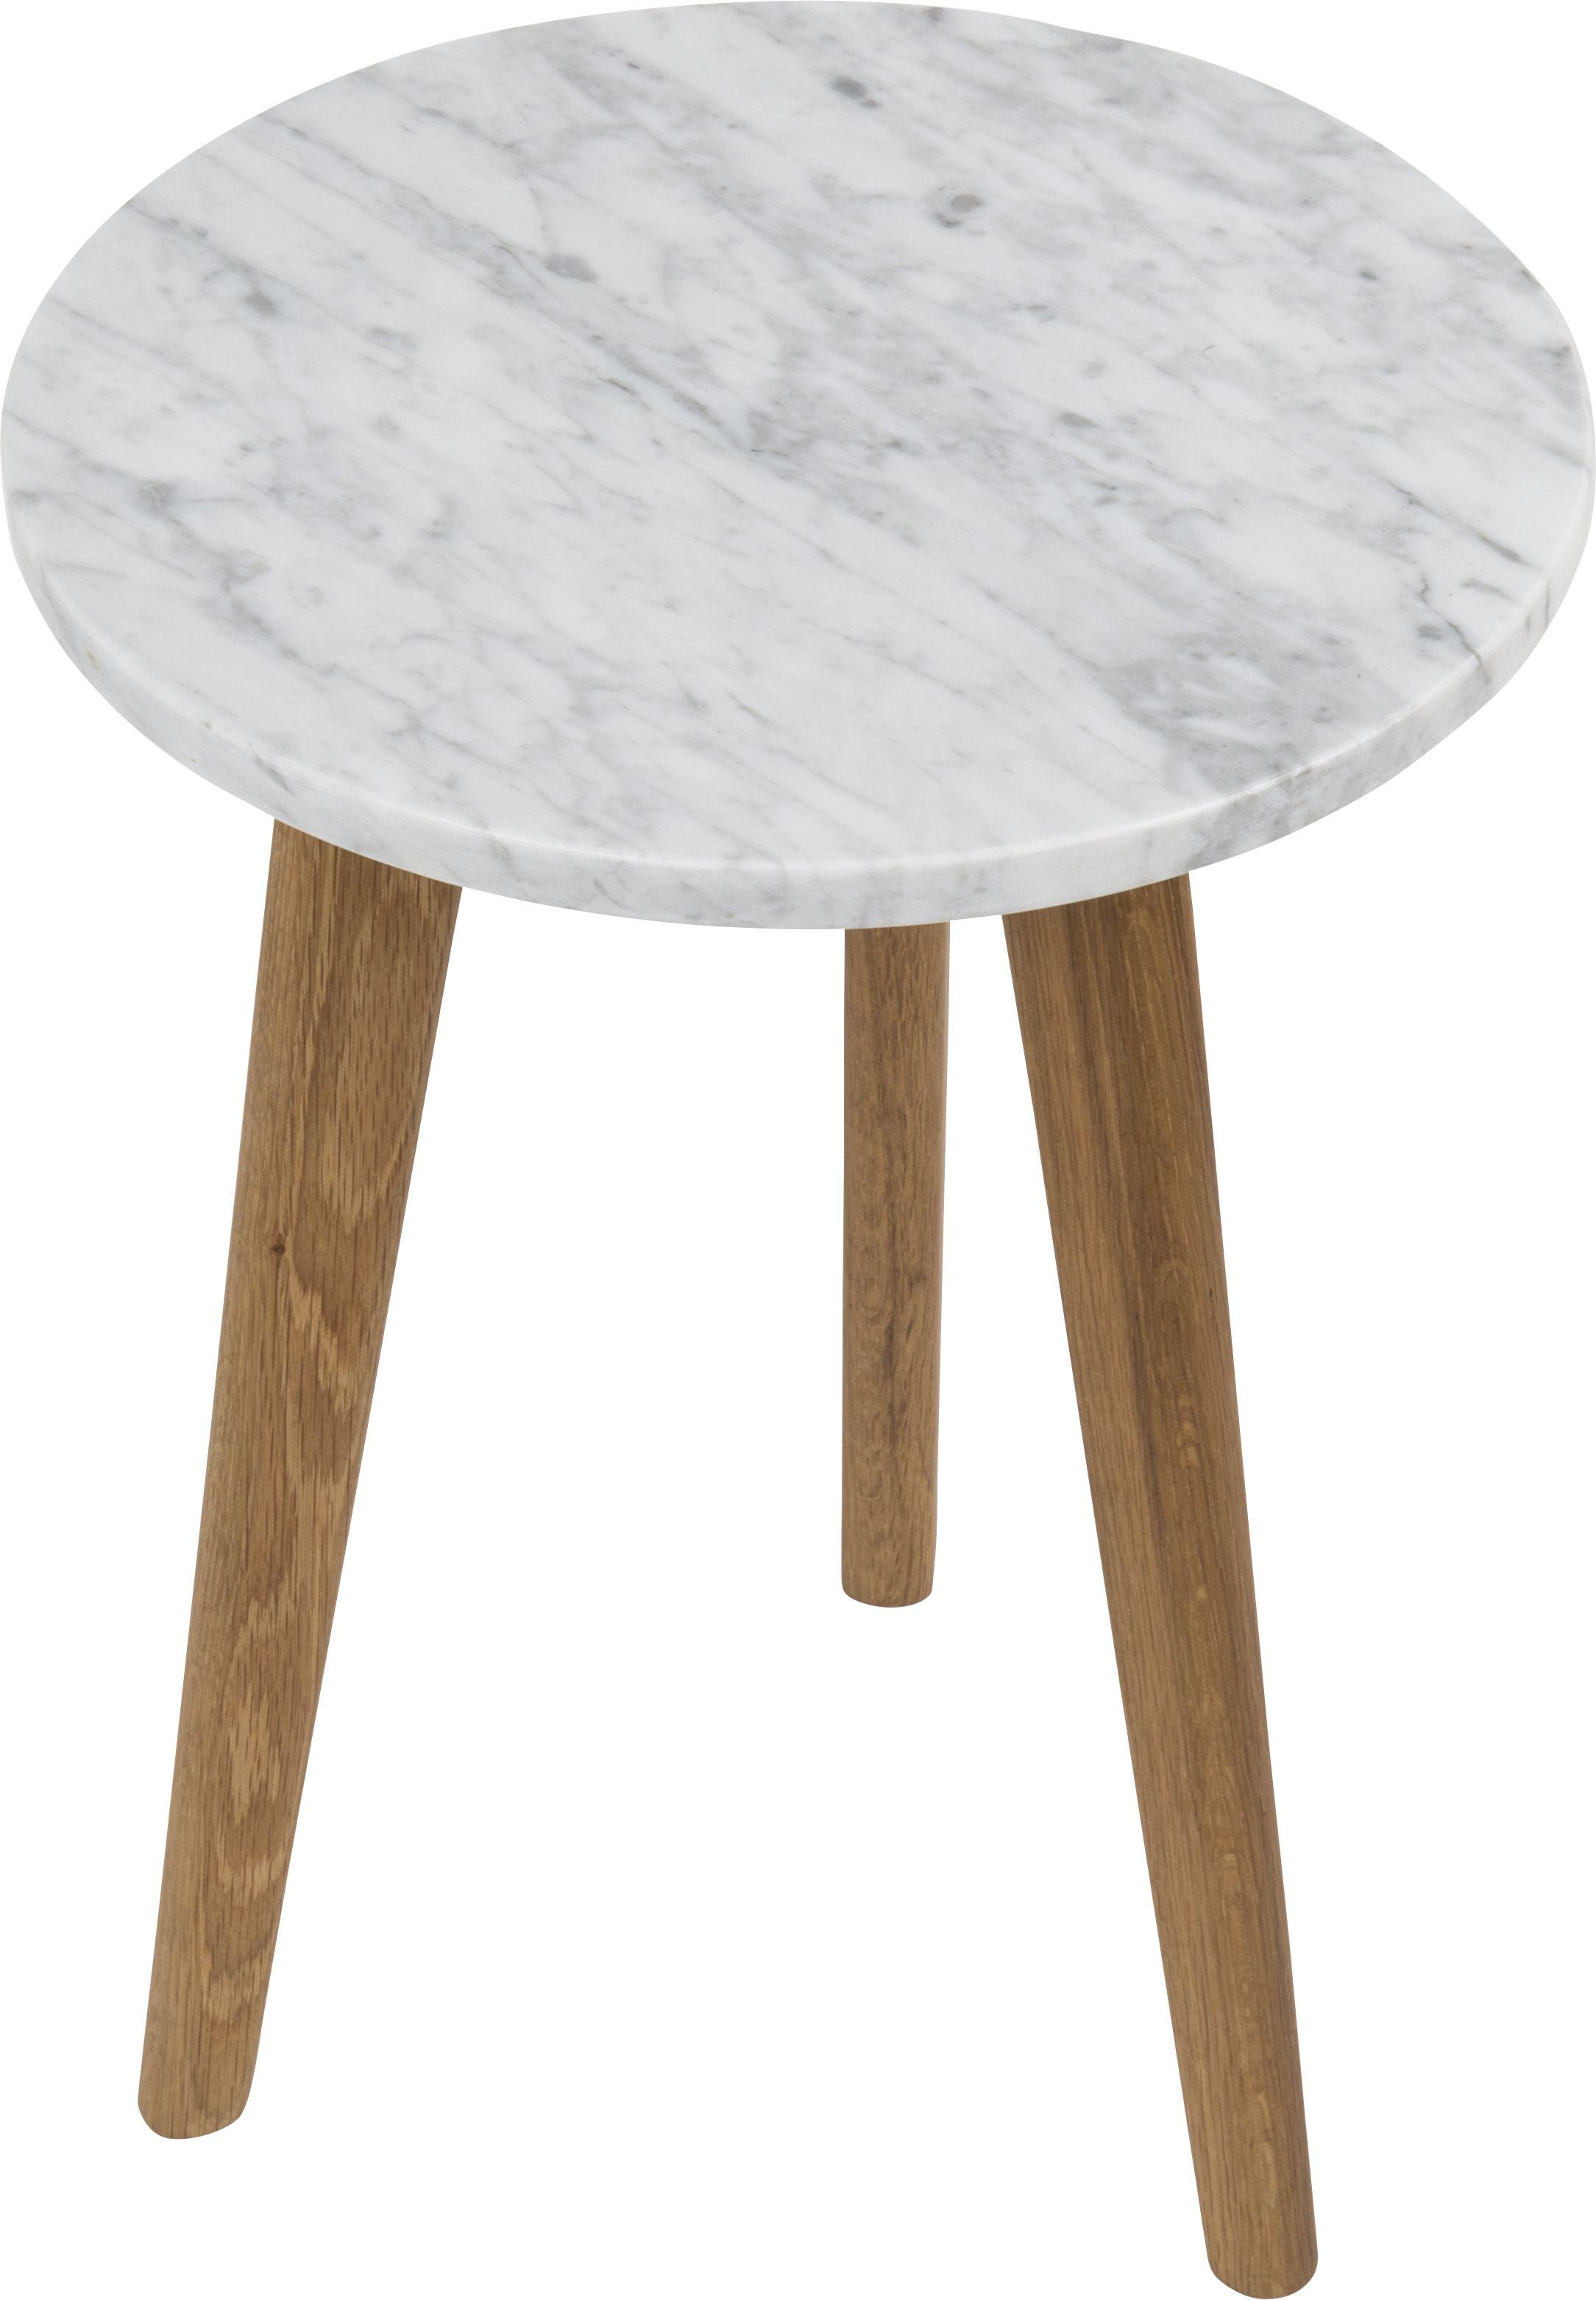 White stone S side table- @Zuiverbv in vendita da Boschettotre